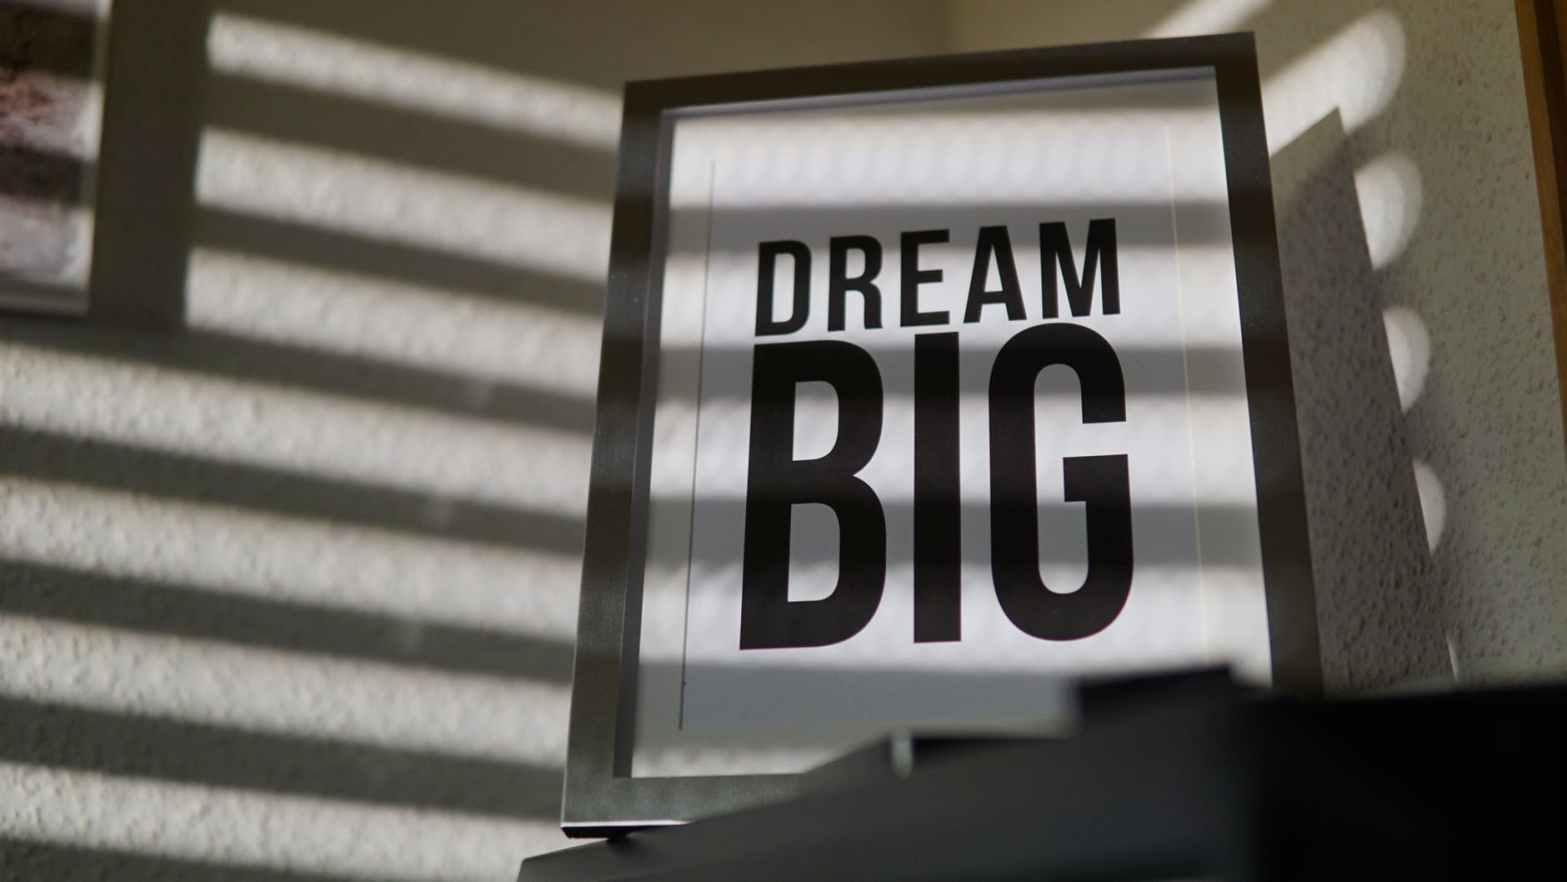 dream big signage